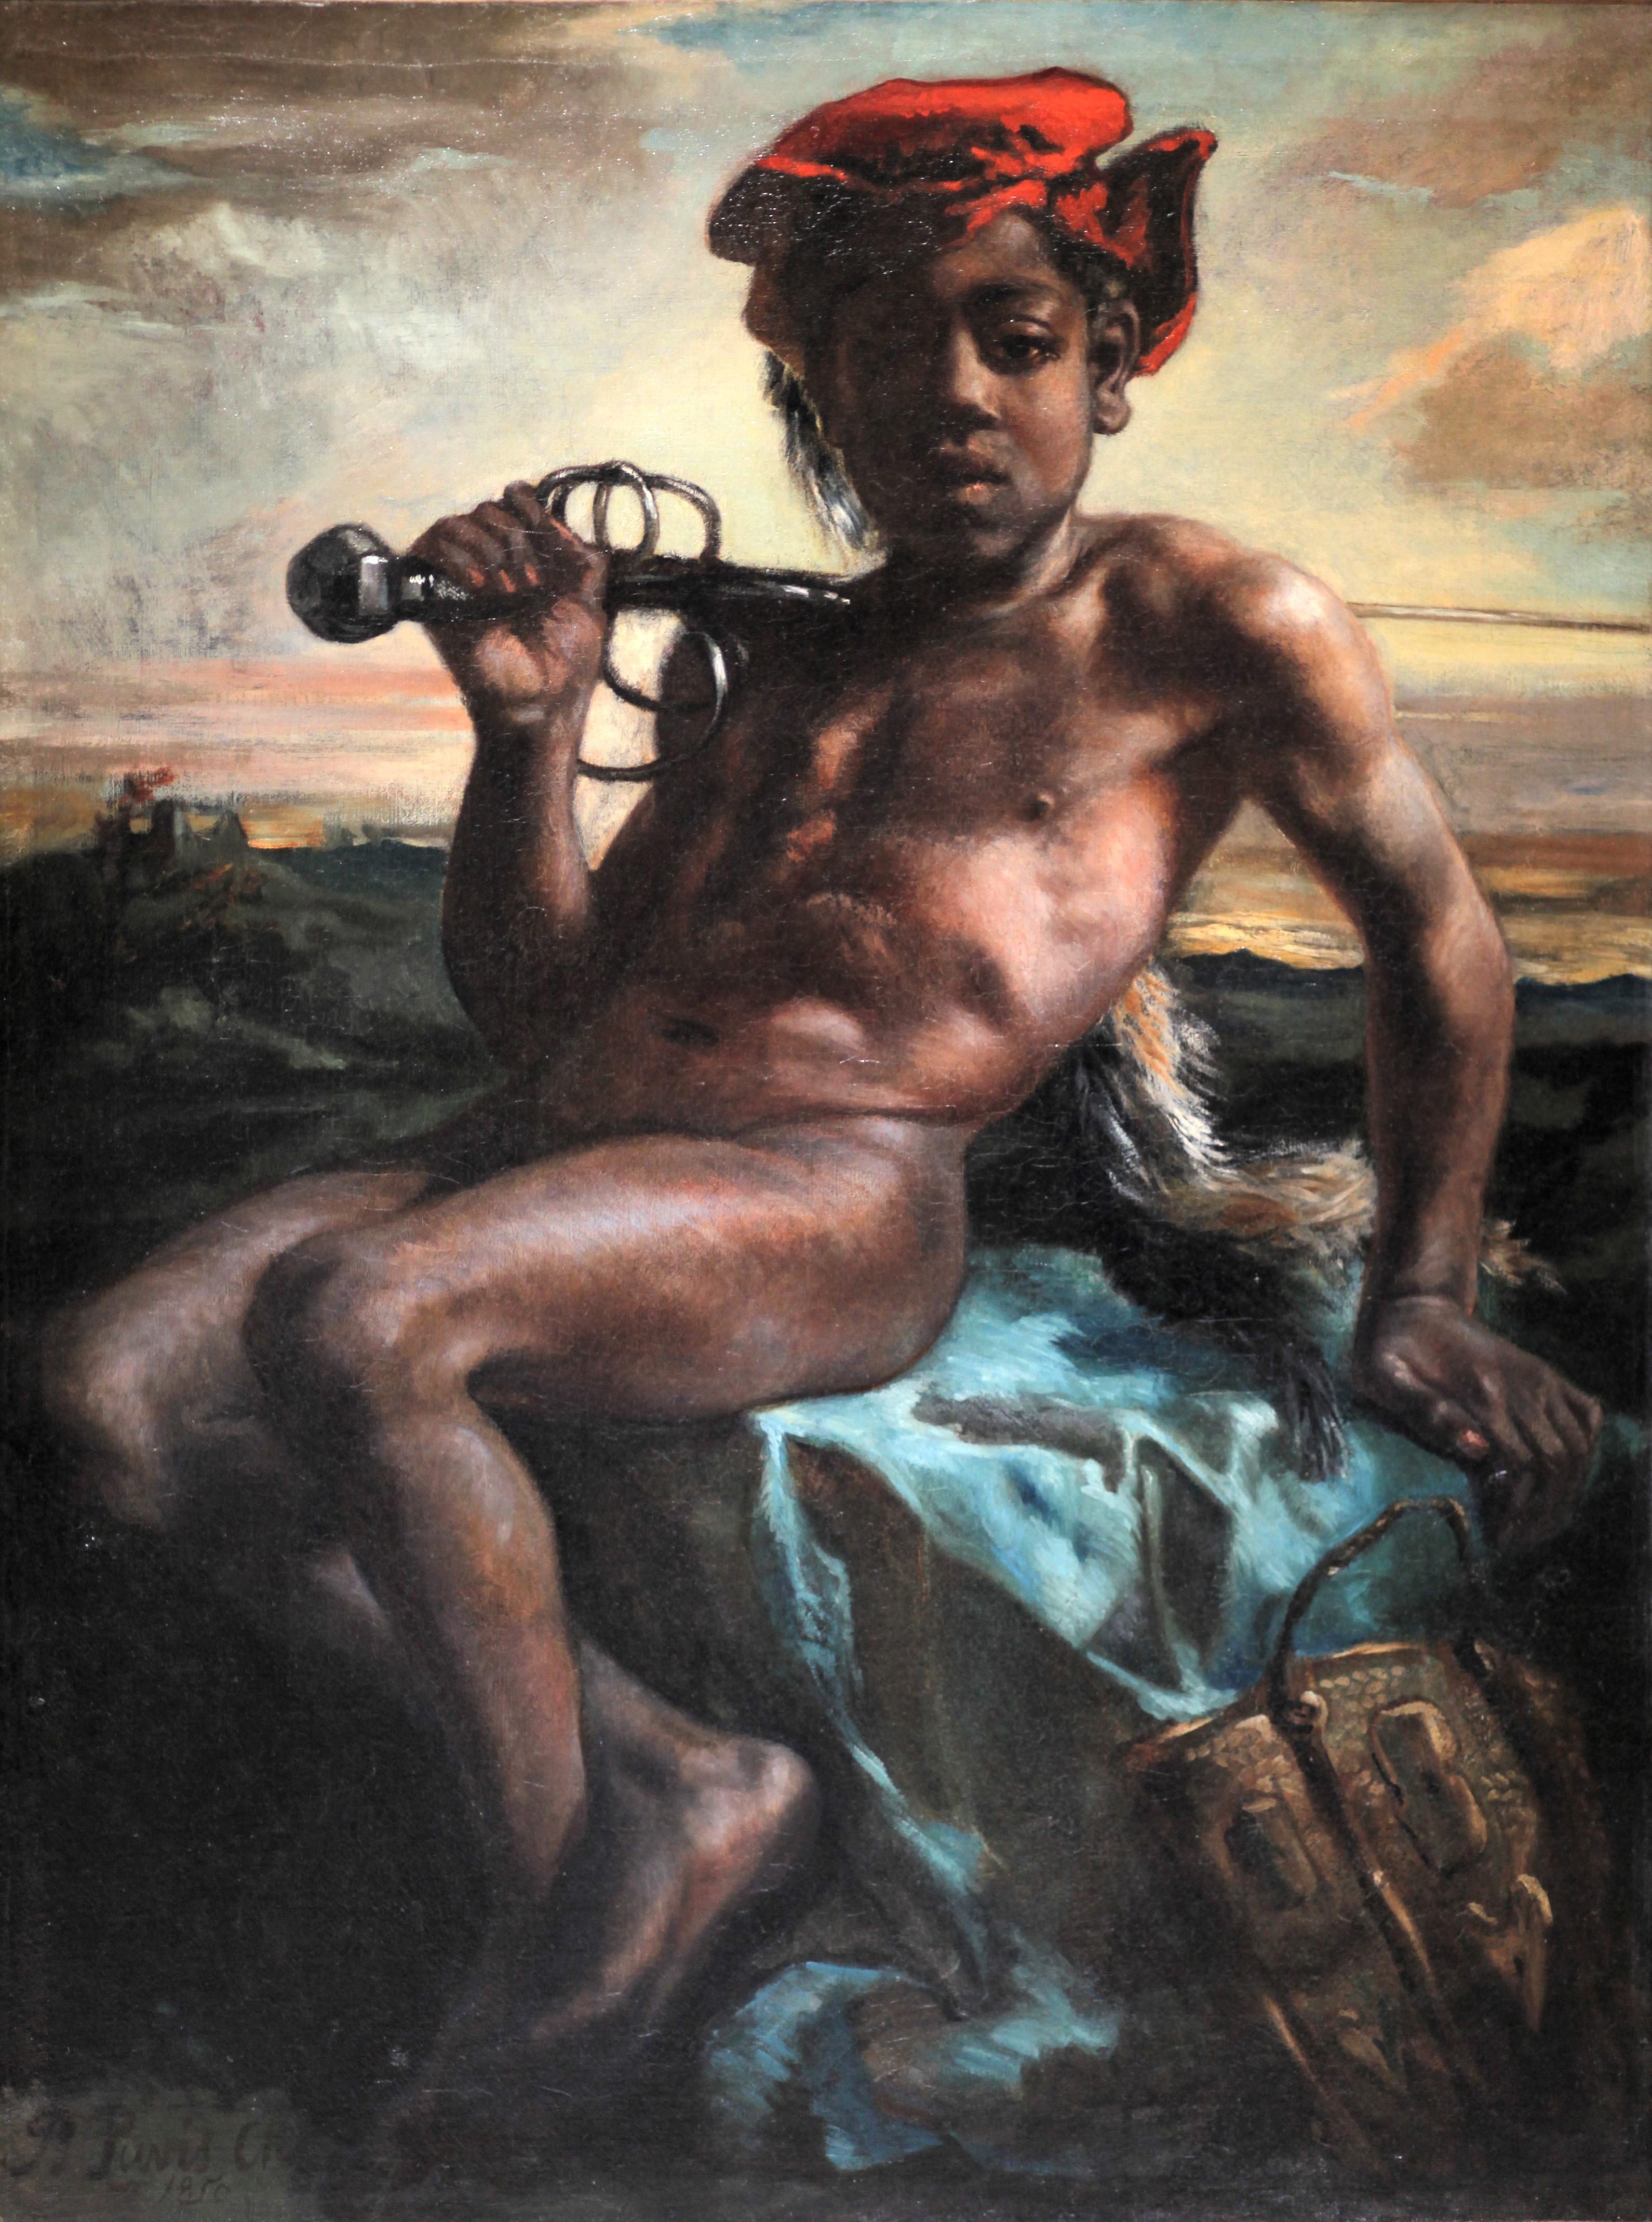 Jeune noir a l epee-Pierre Puvis de Chavannes-IMG 8127.JPG